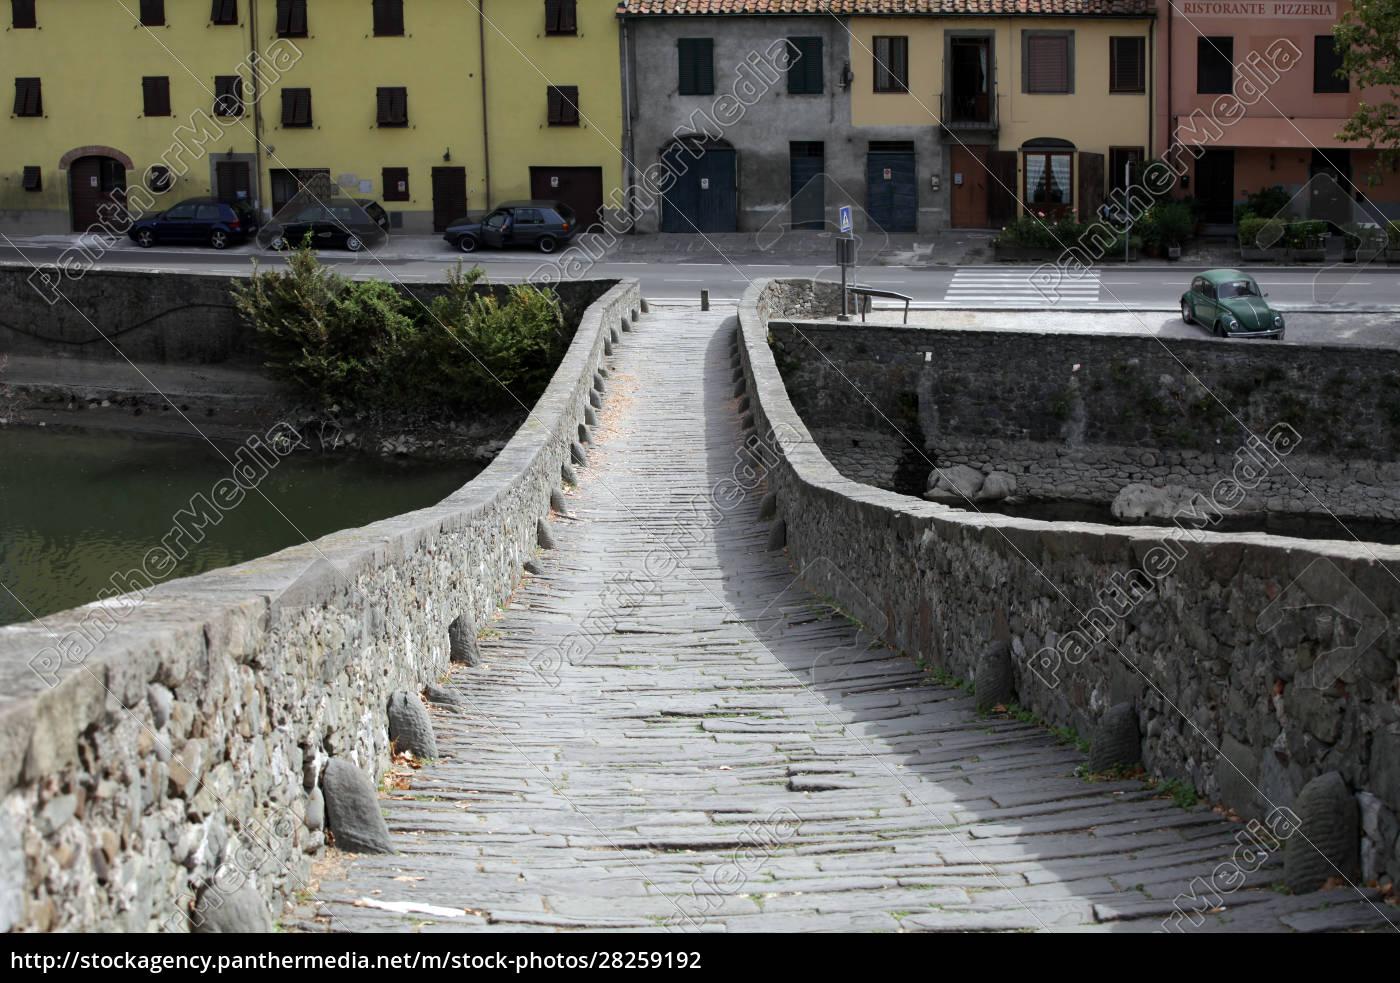 ponte, della, maddalena, across, the, serchio. - 28259192